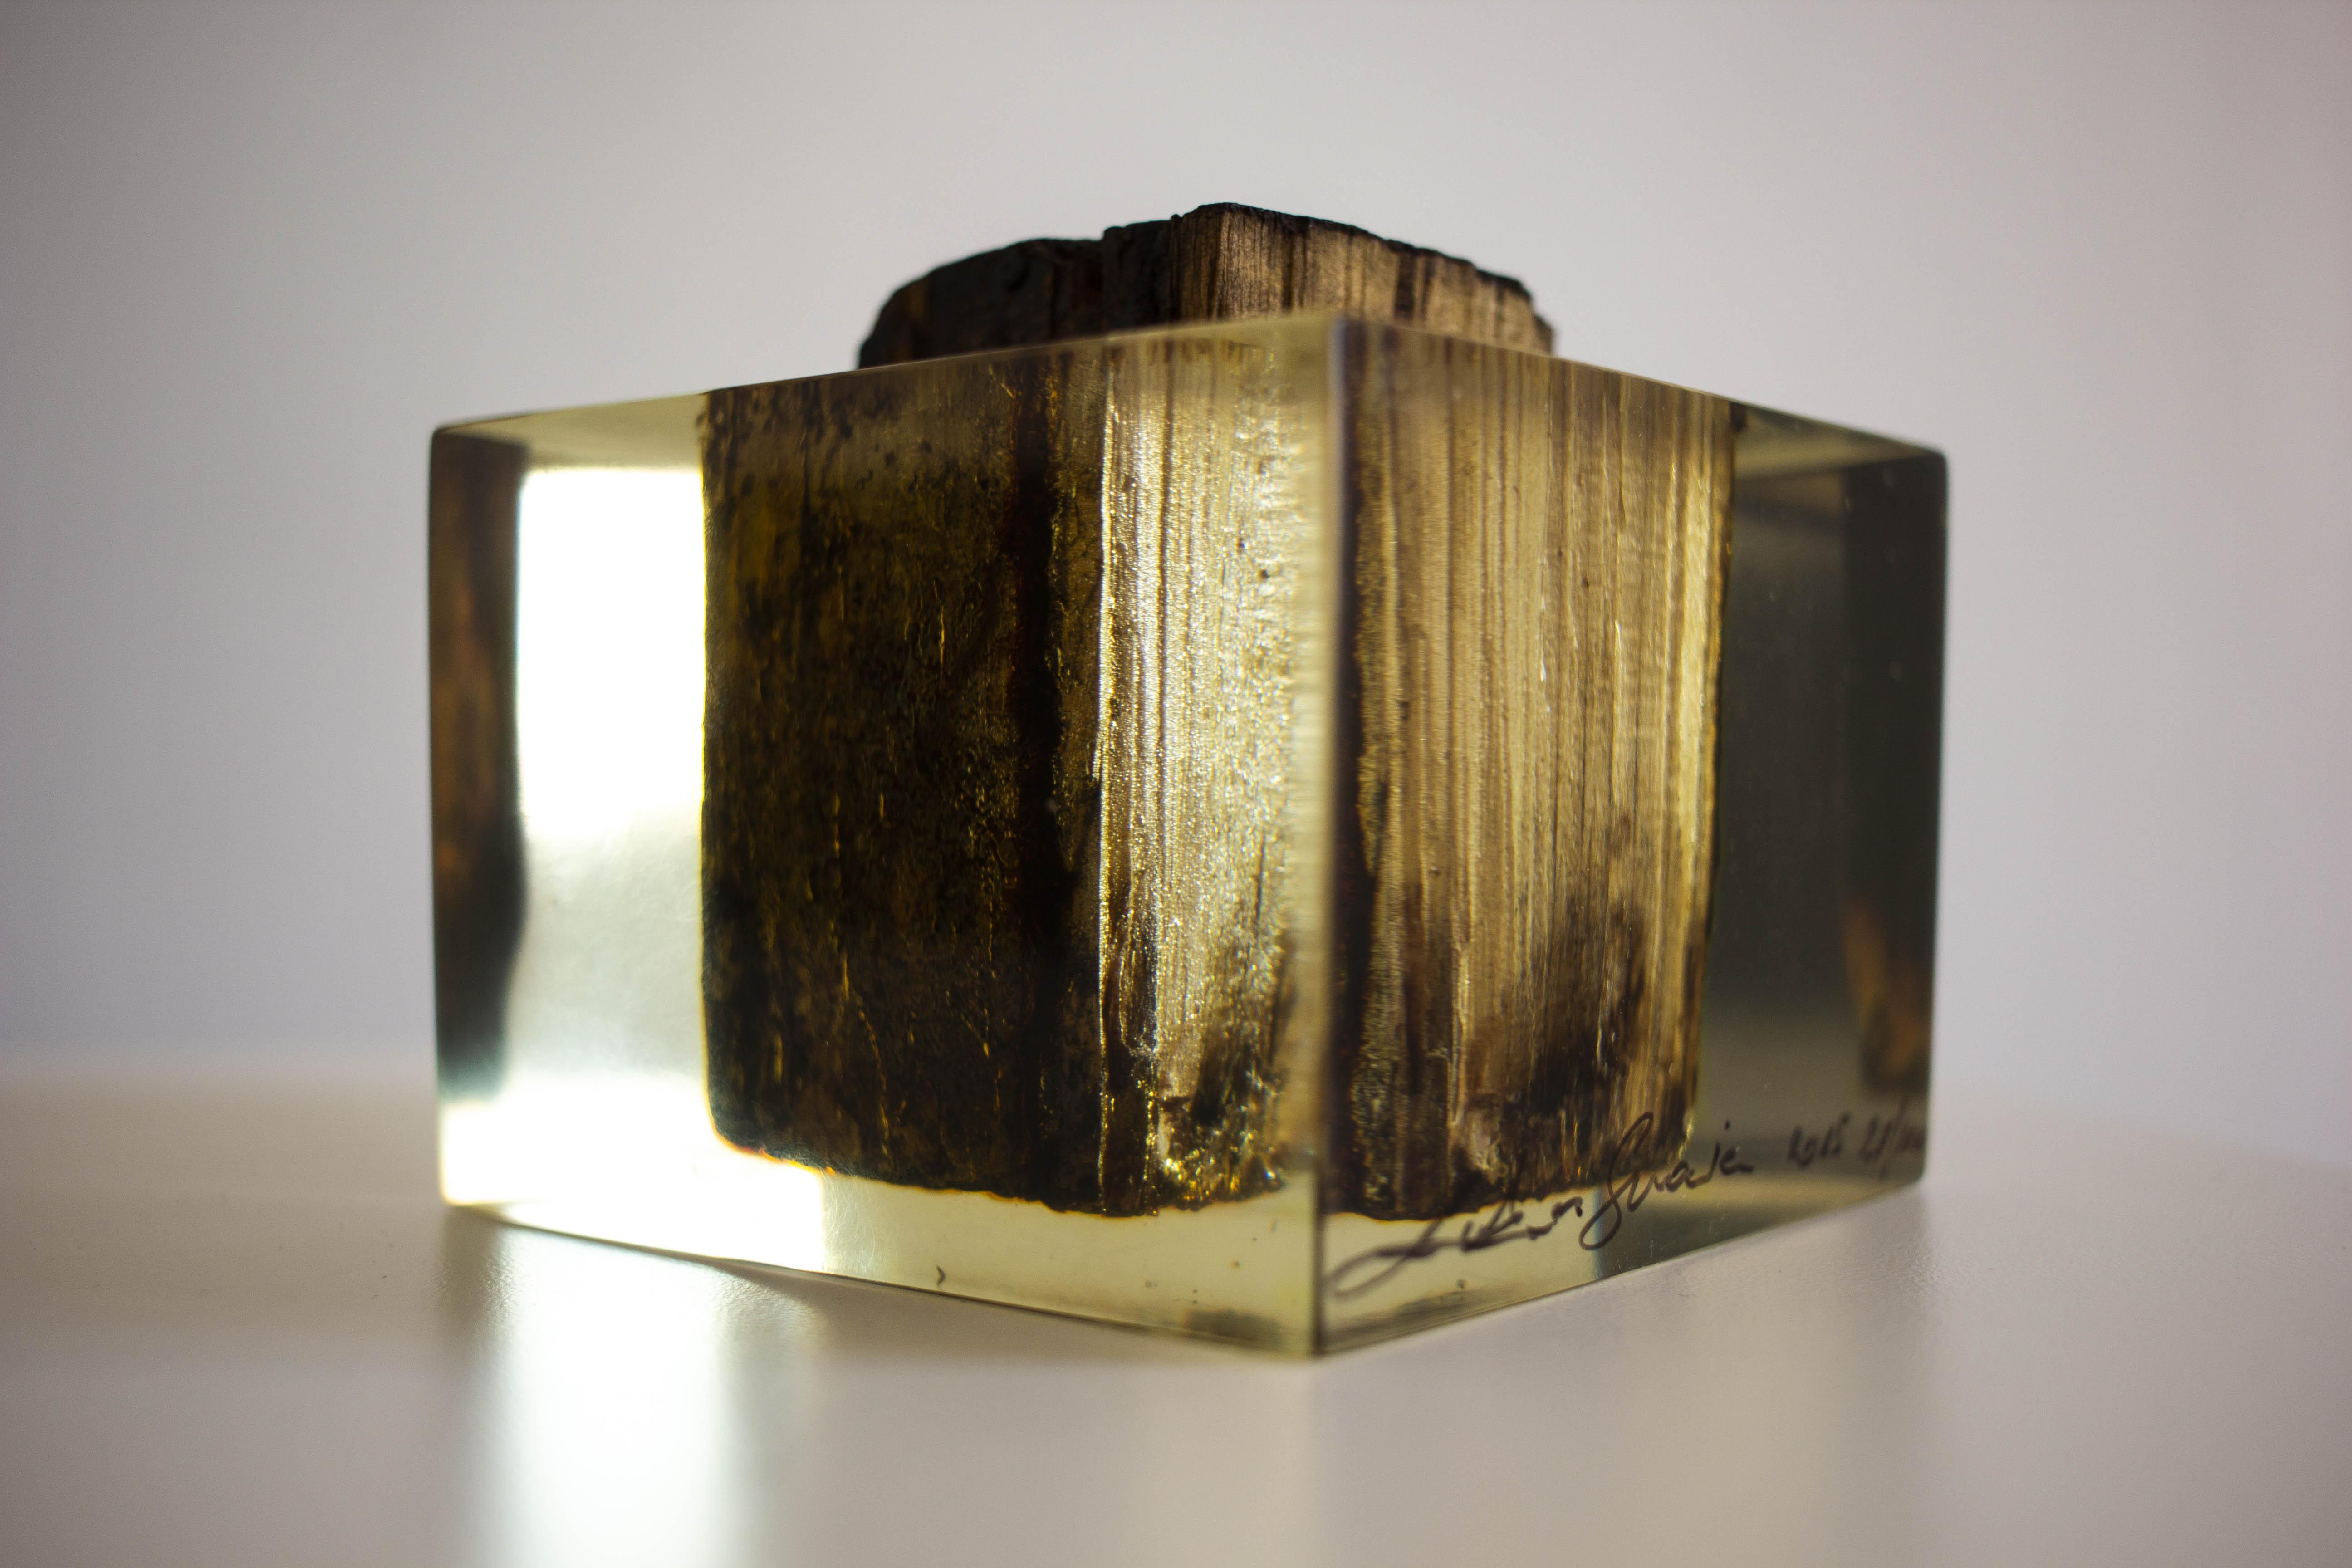 Przedwojenna, drewniana kostka podłogowa z pomieszczeń dawnej Fabryki Schindlera, 2015, ed. 27/100